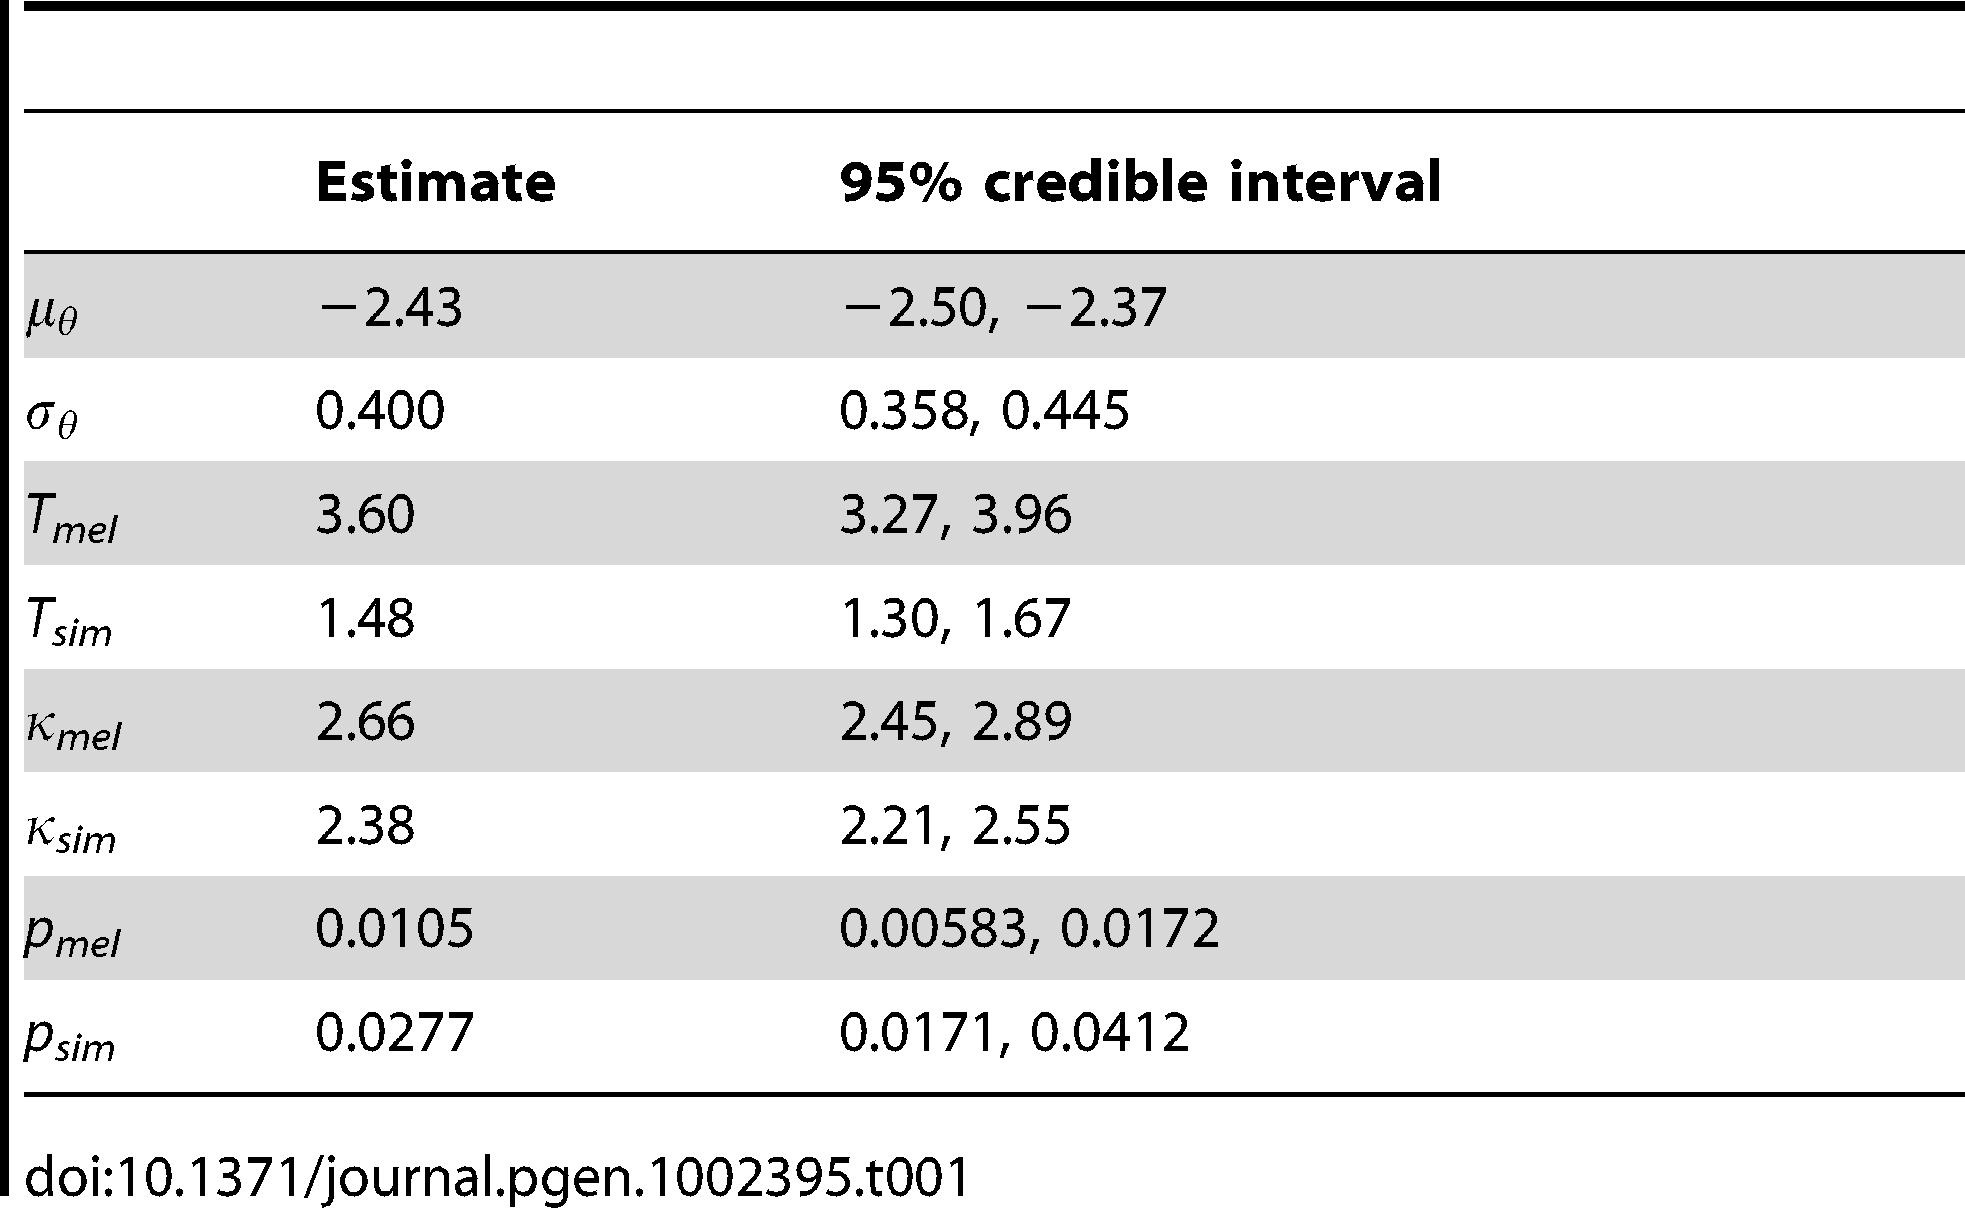 Parameter estimates.